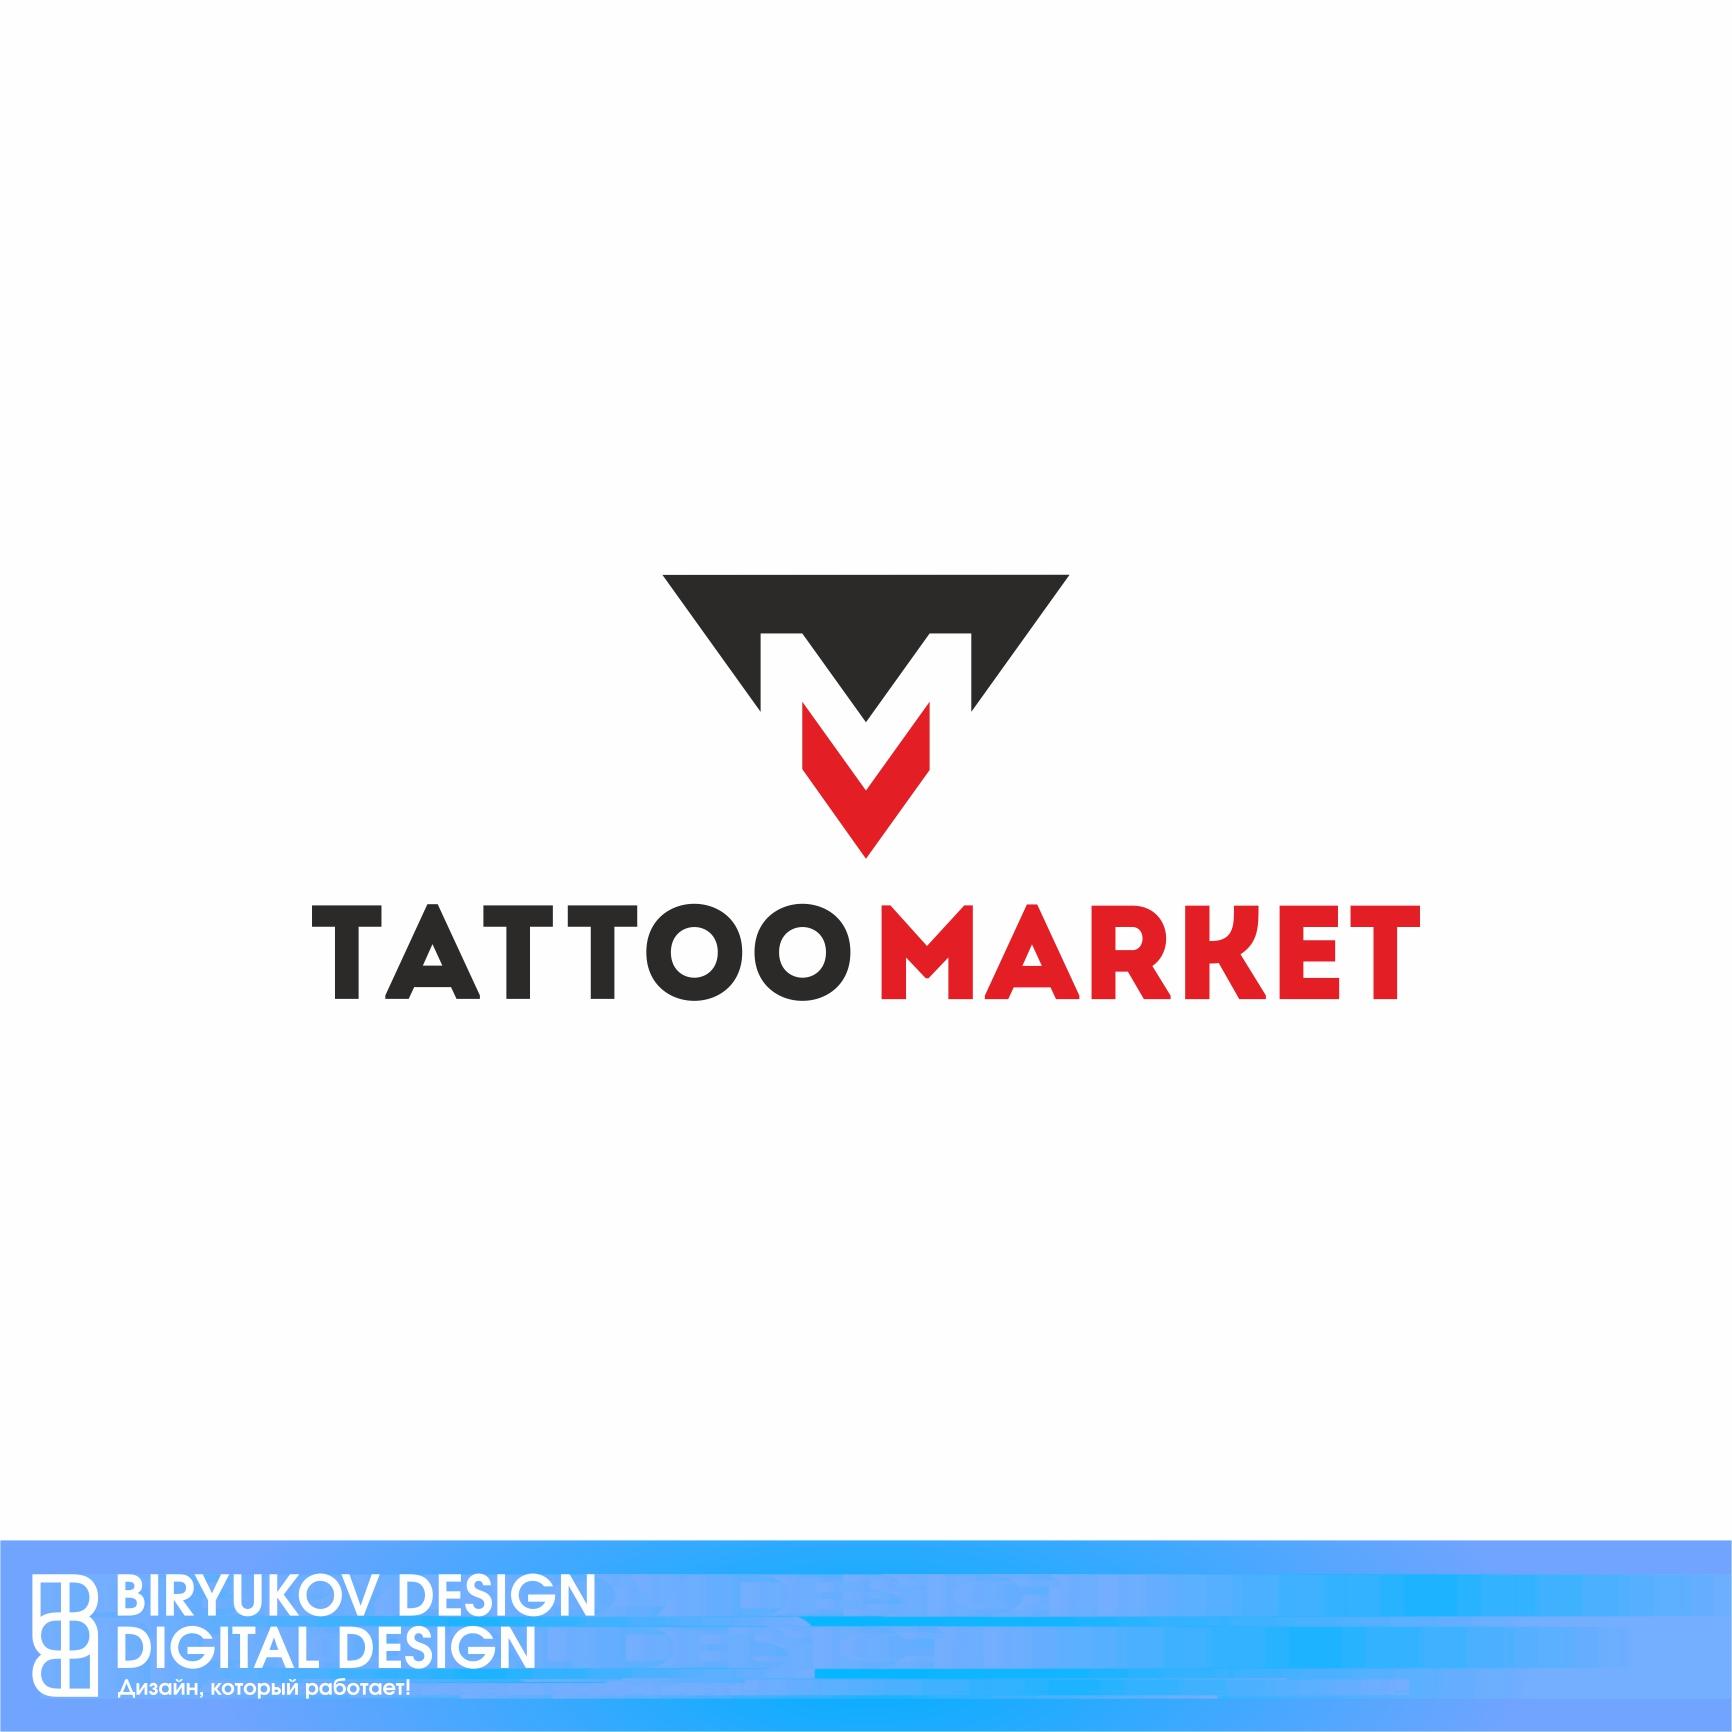 Редизайн логотипа магазина тату оборудования TattooMarket.ru фото f_8445c3a4bc0e4fa1.jpg